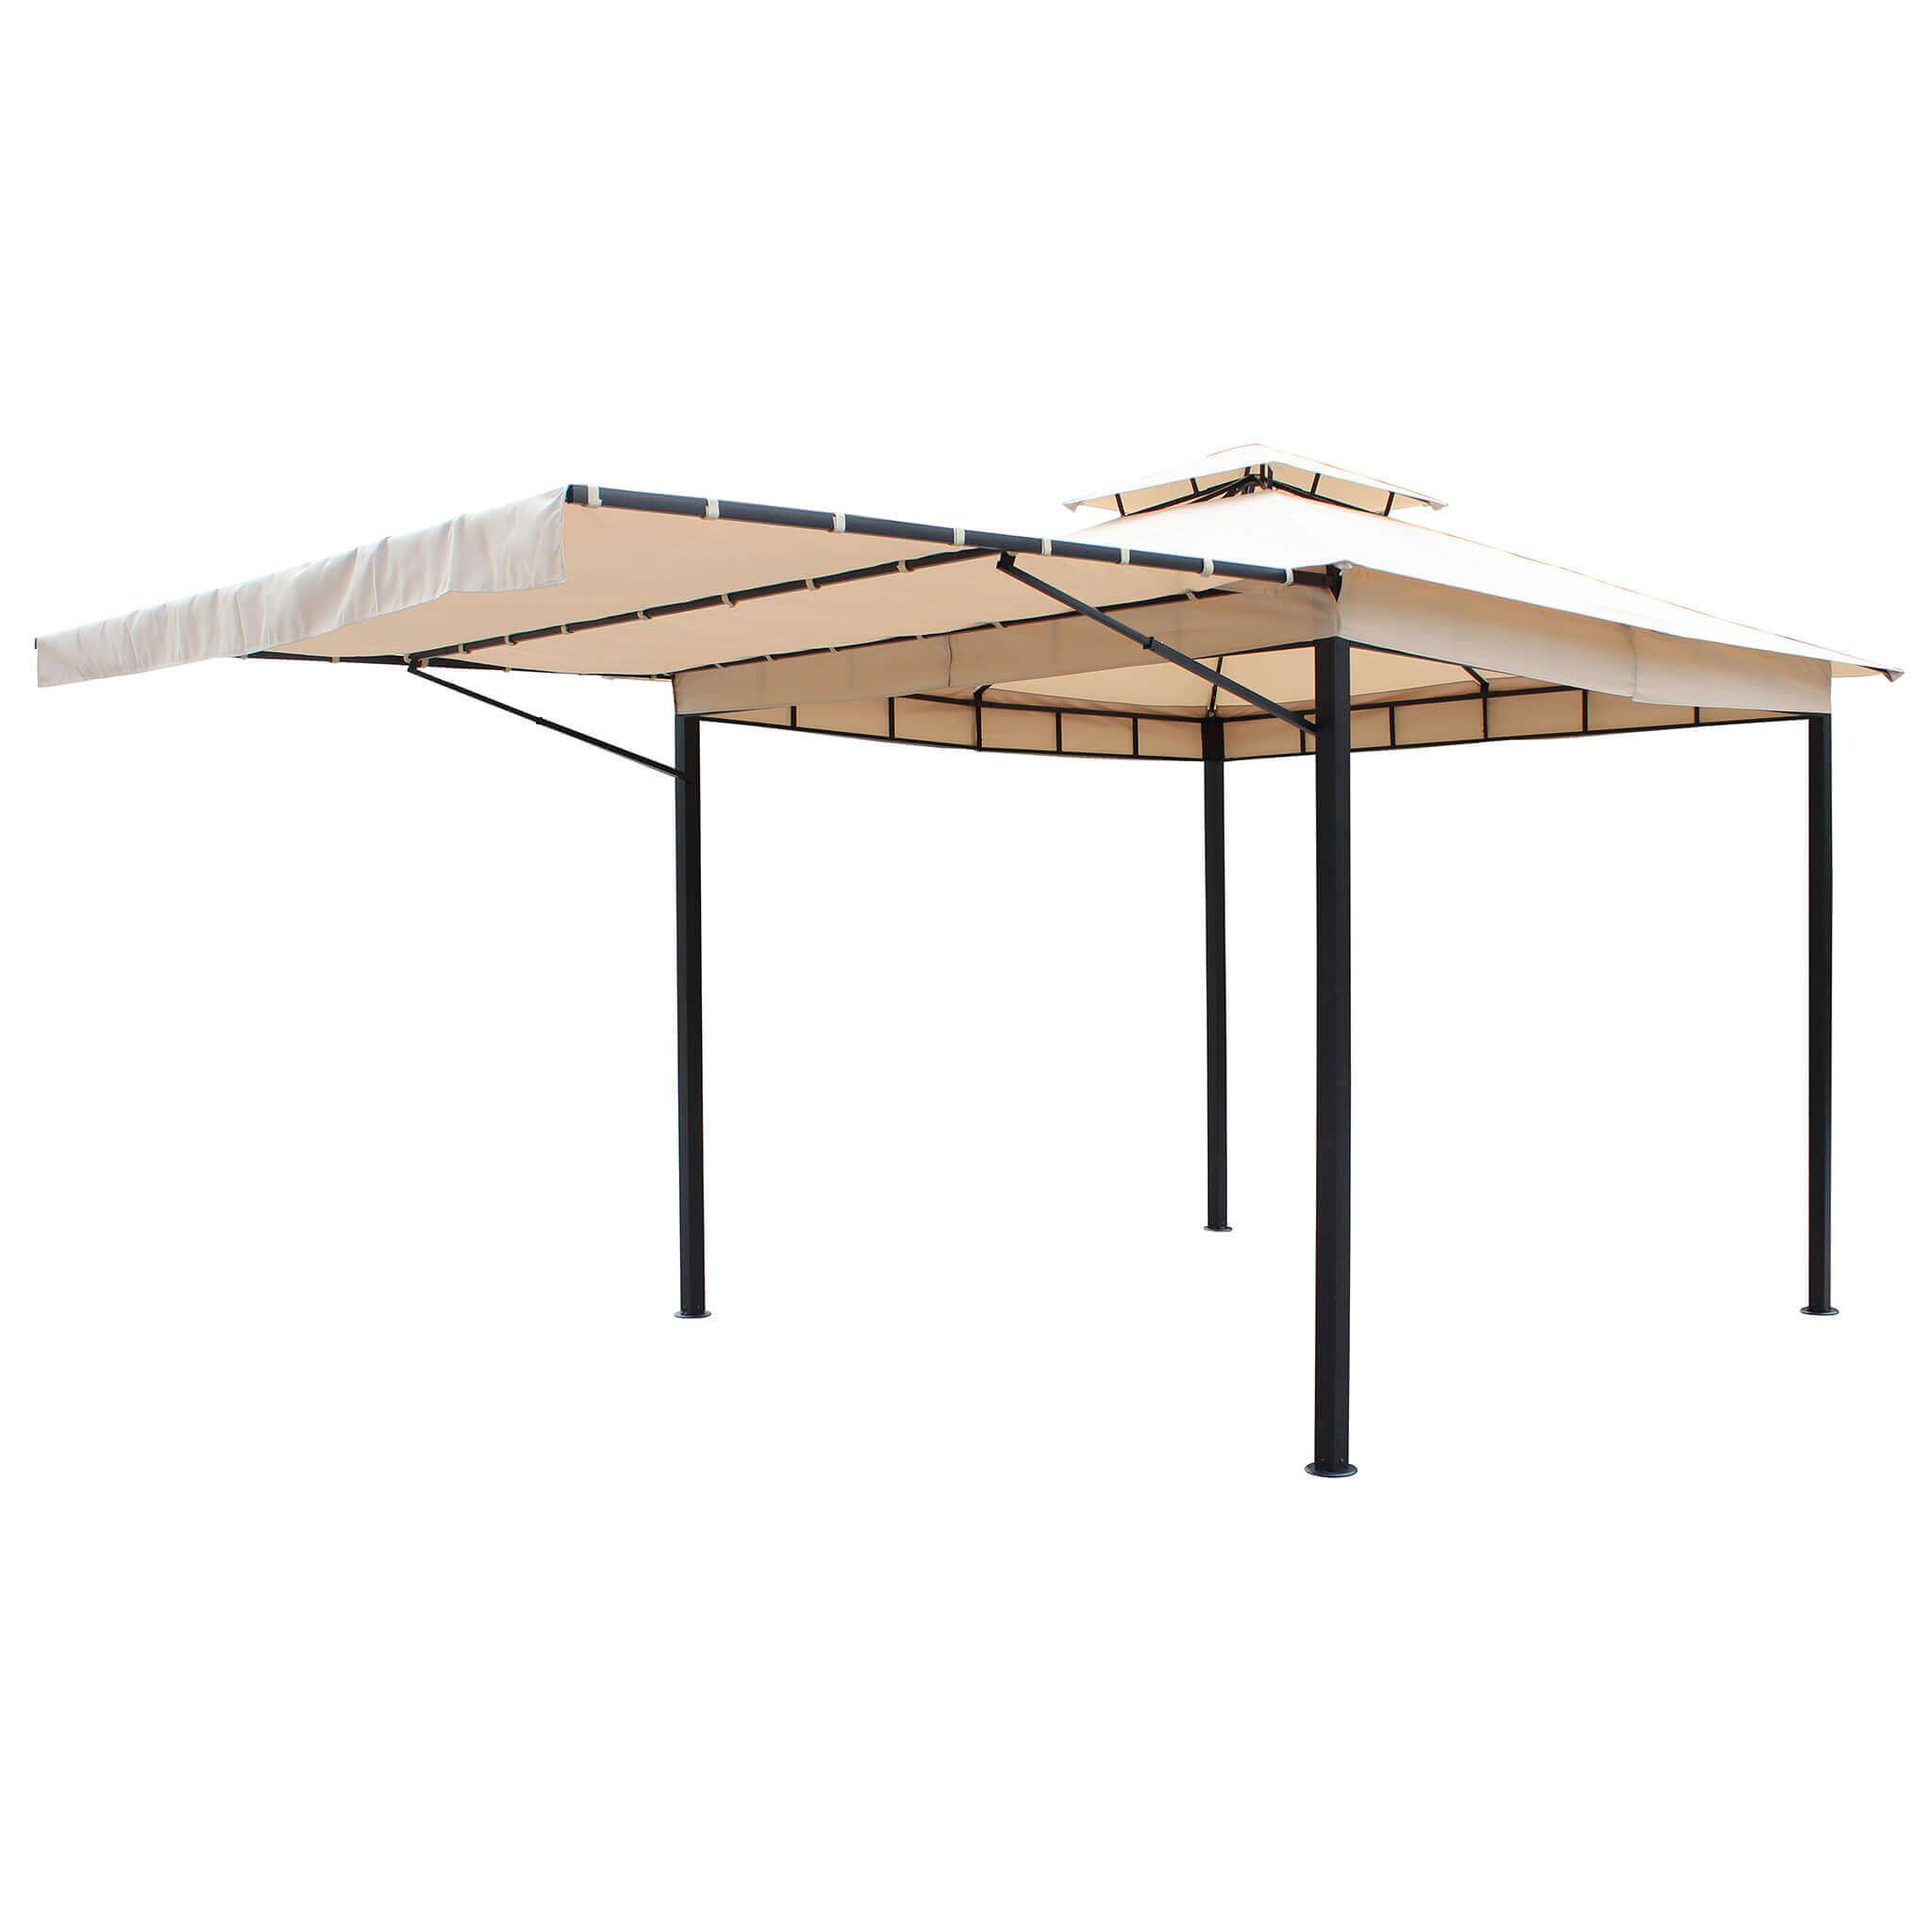 Milani Home OPERIBUS - gazebo da giardino 3 x 3 in metallo completo  di tettoia apribile e doppio tetto